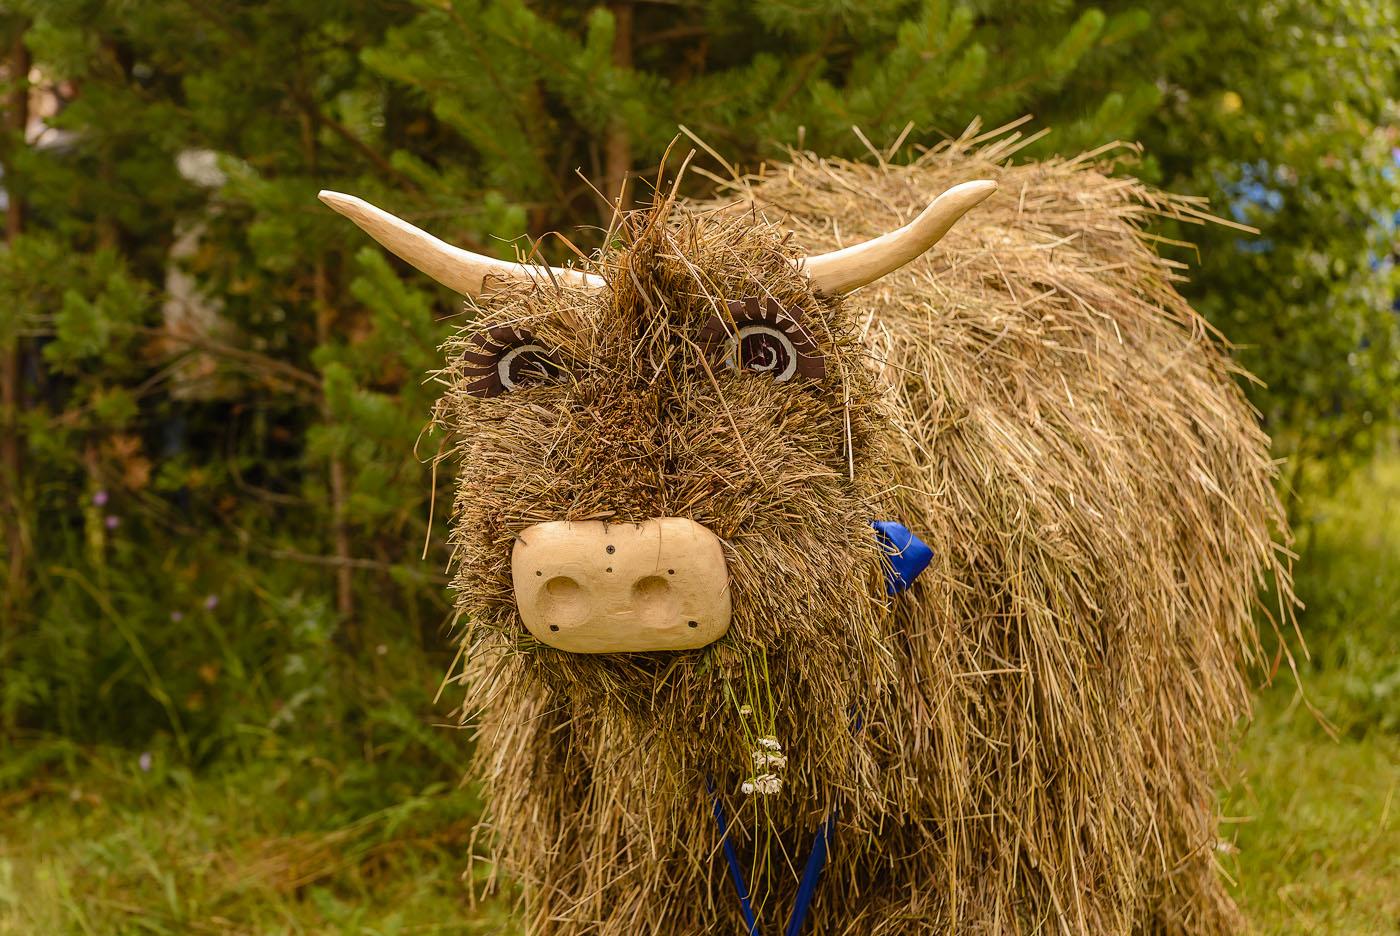 41. Соломенный бык на турнире косарей в Арти. 1/400, 0.33, 5.0, 320, 92.